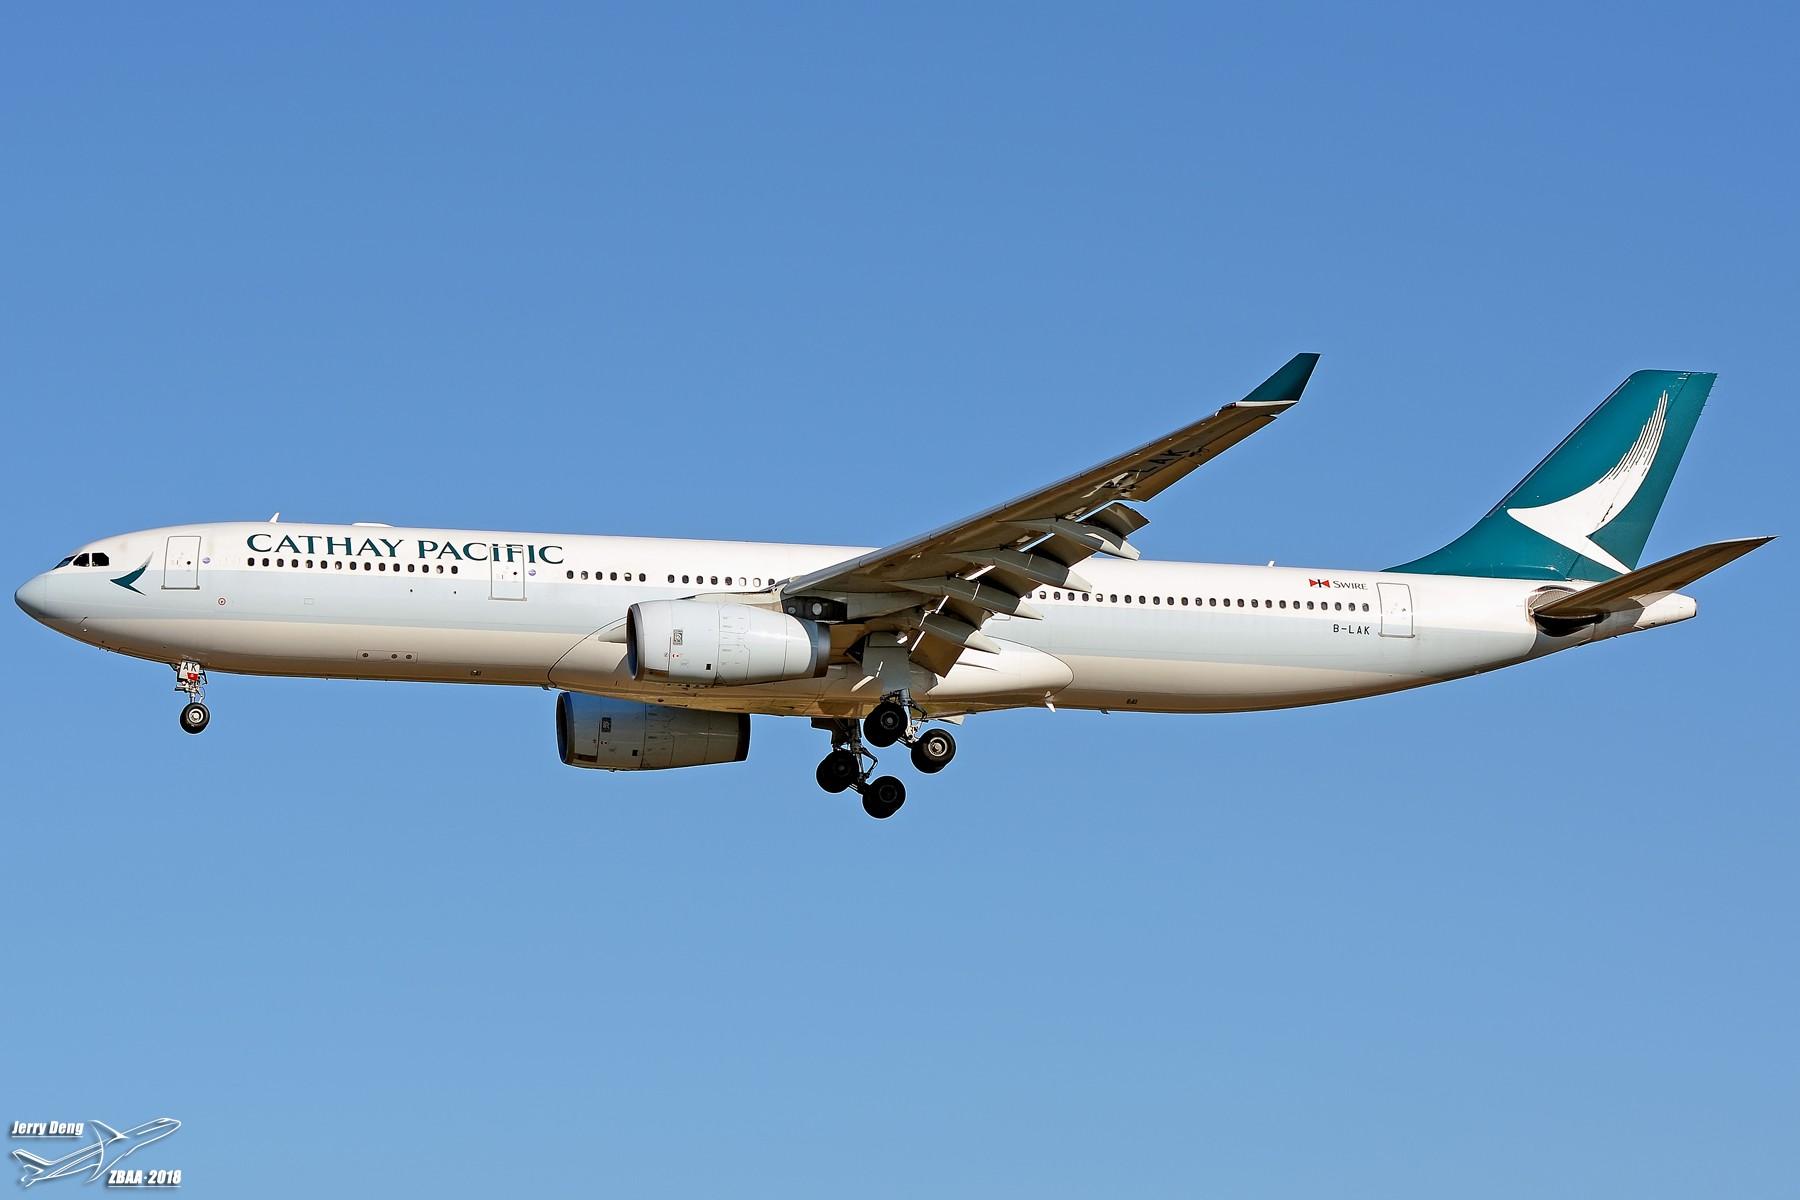 Re:[原创]【多图党】出差赶上天气不错ZBAA随拍 AIRBUS A330-300 B-LAK 中国北京首都国际机场